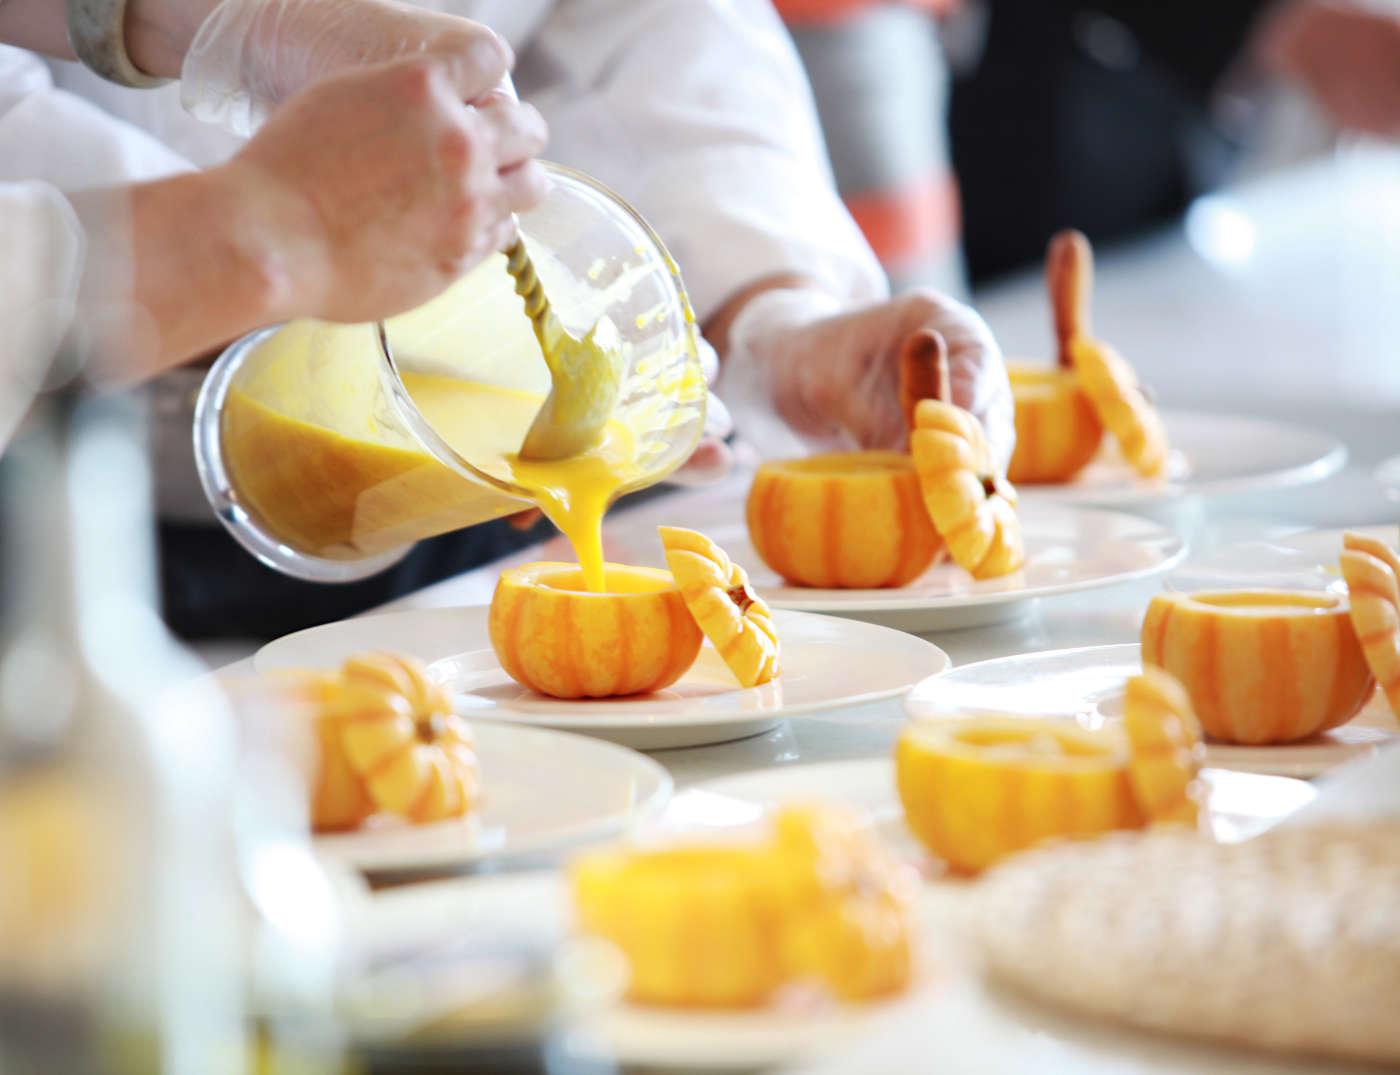 Camareros de hotel sirviendo comida